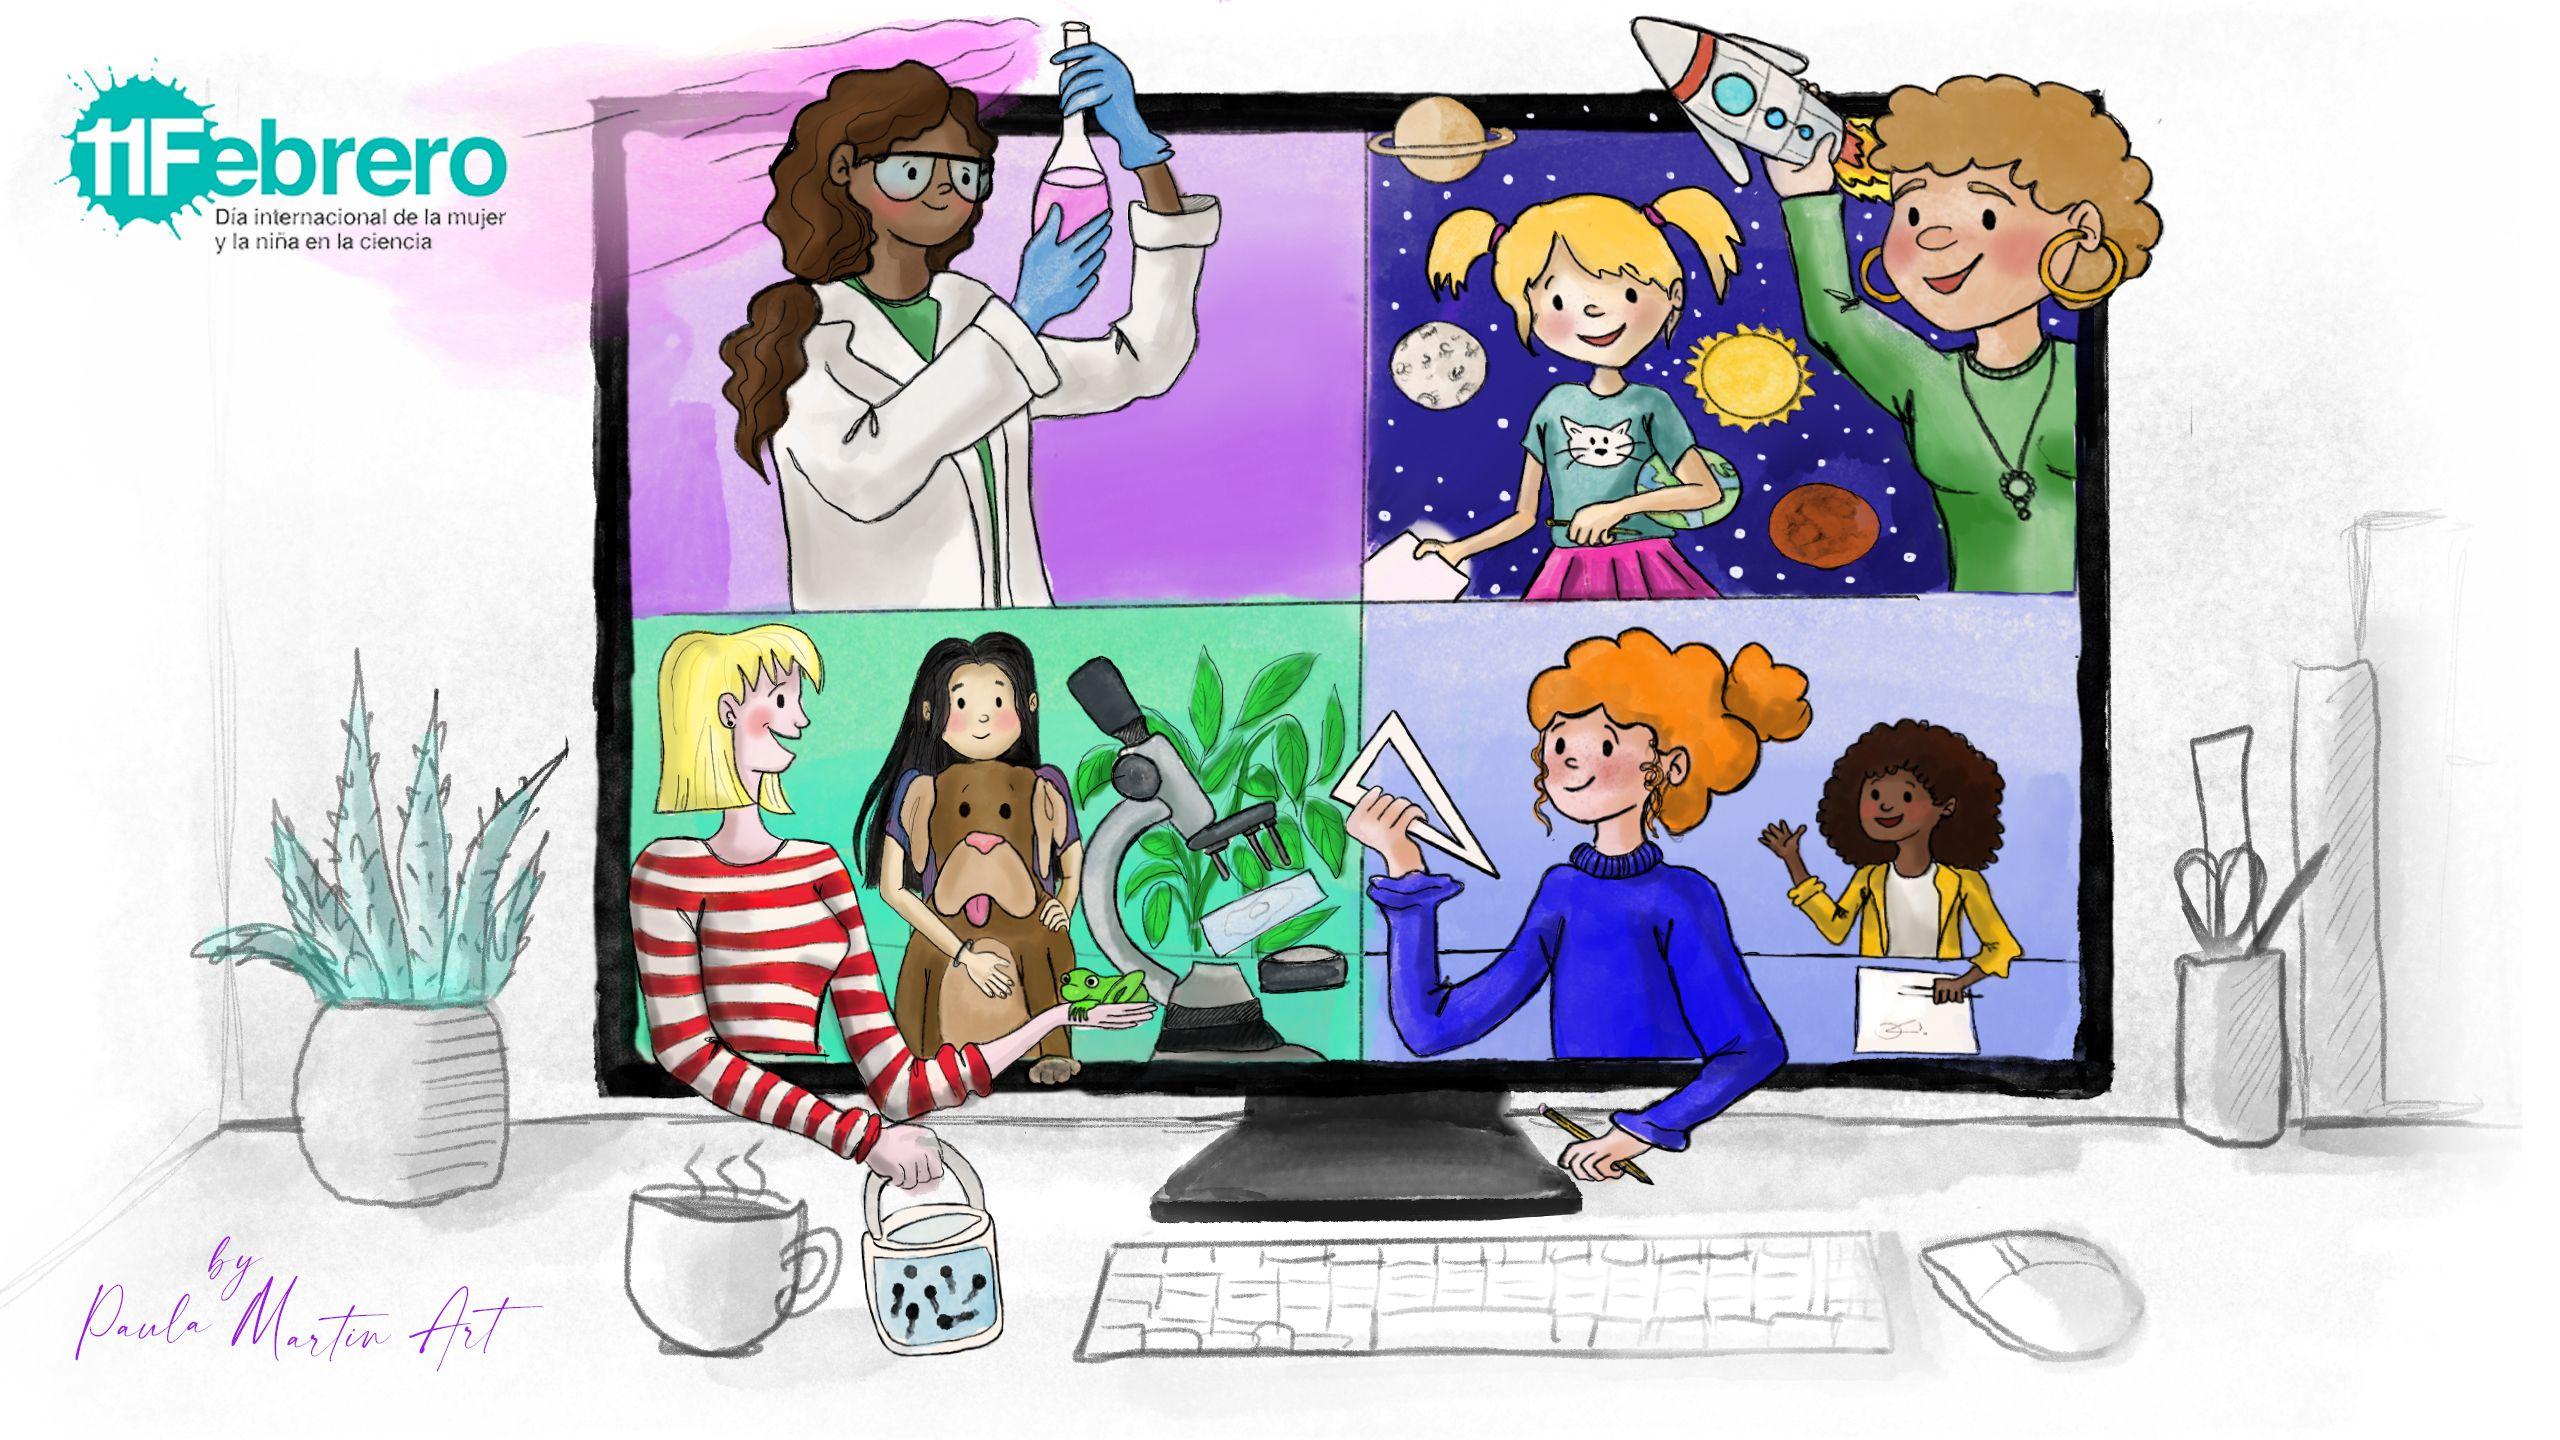 Día Internacional de la Mujer y las Niñas en la Ciencia